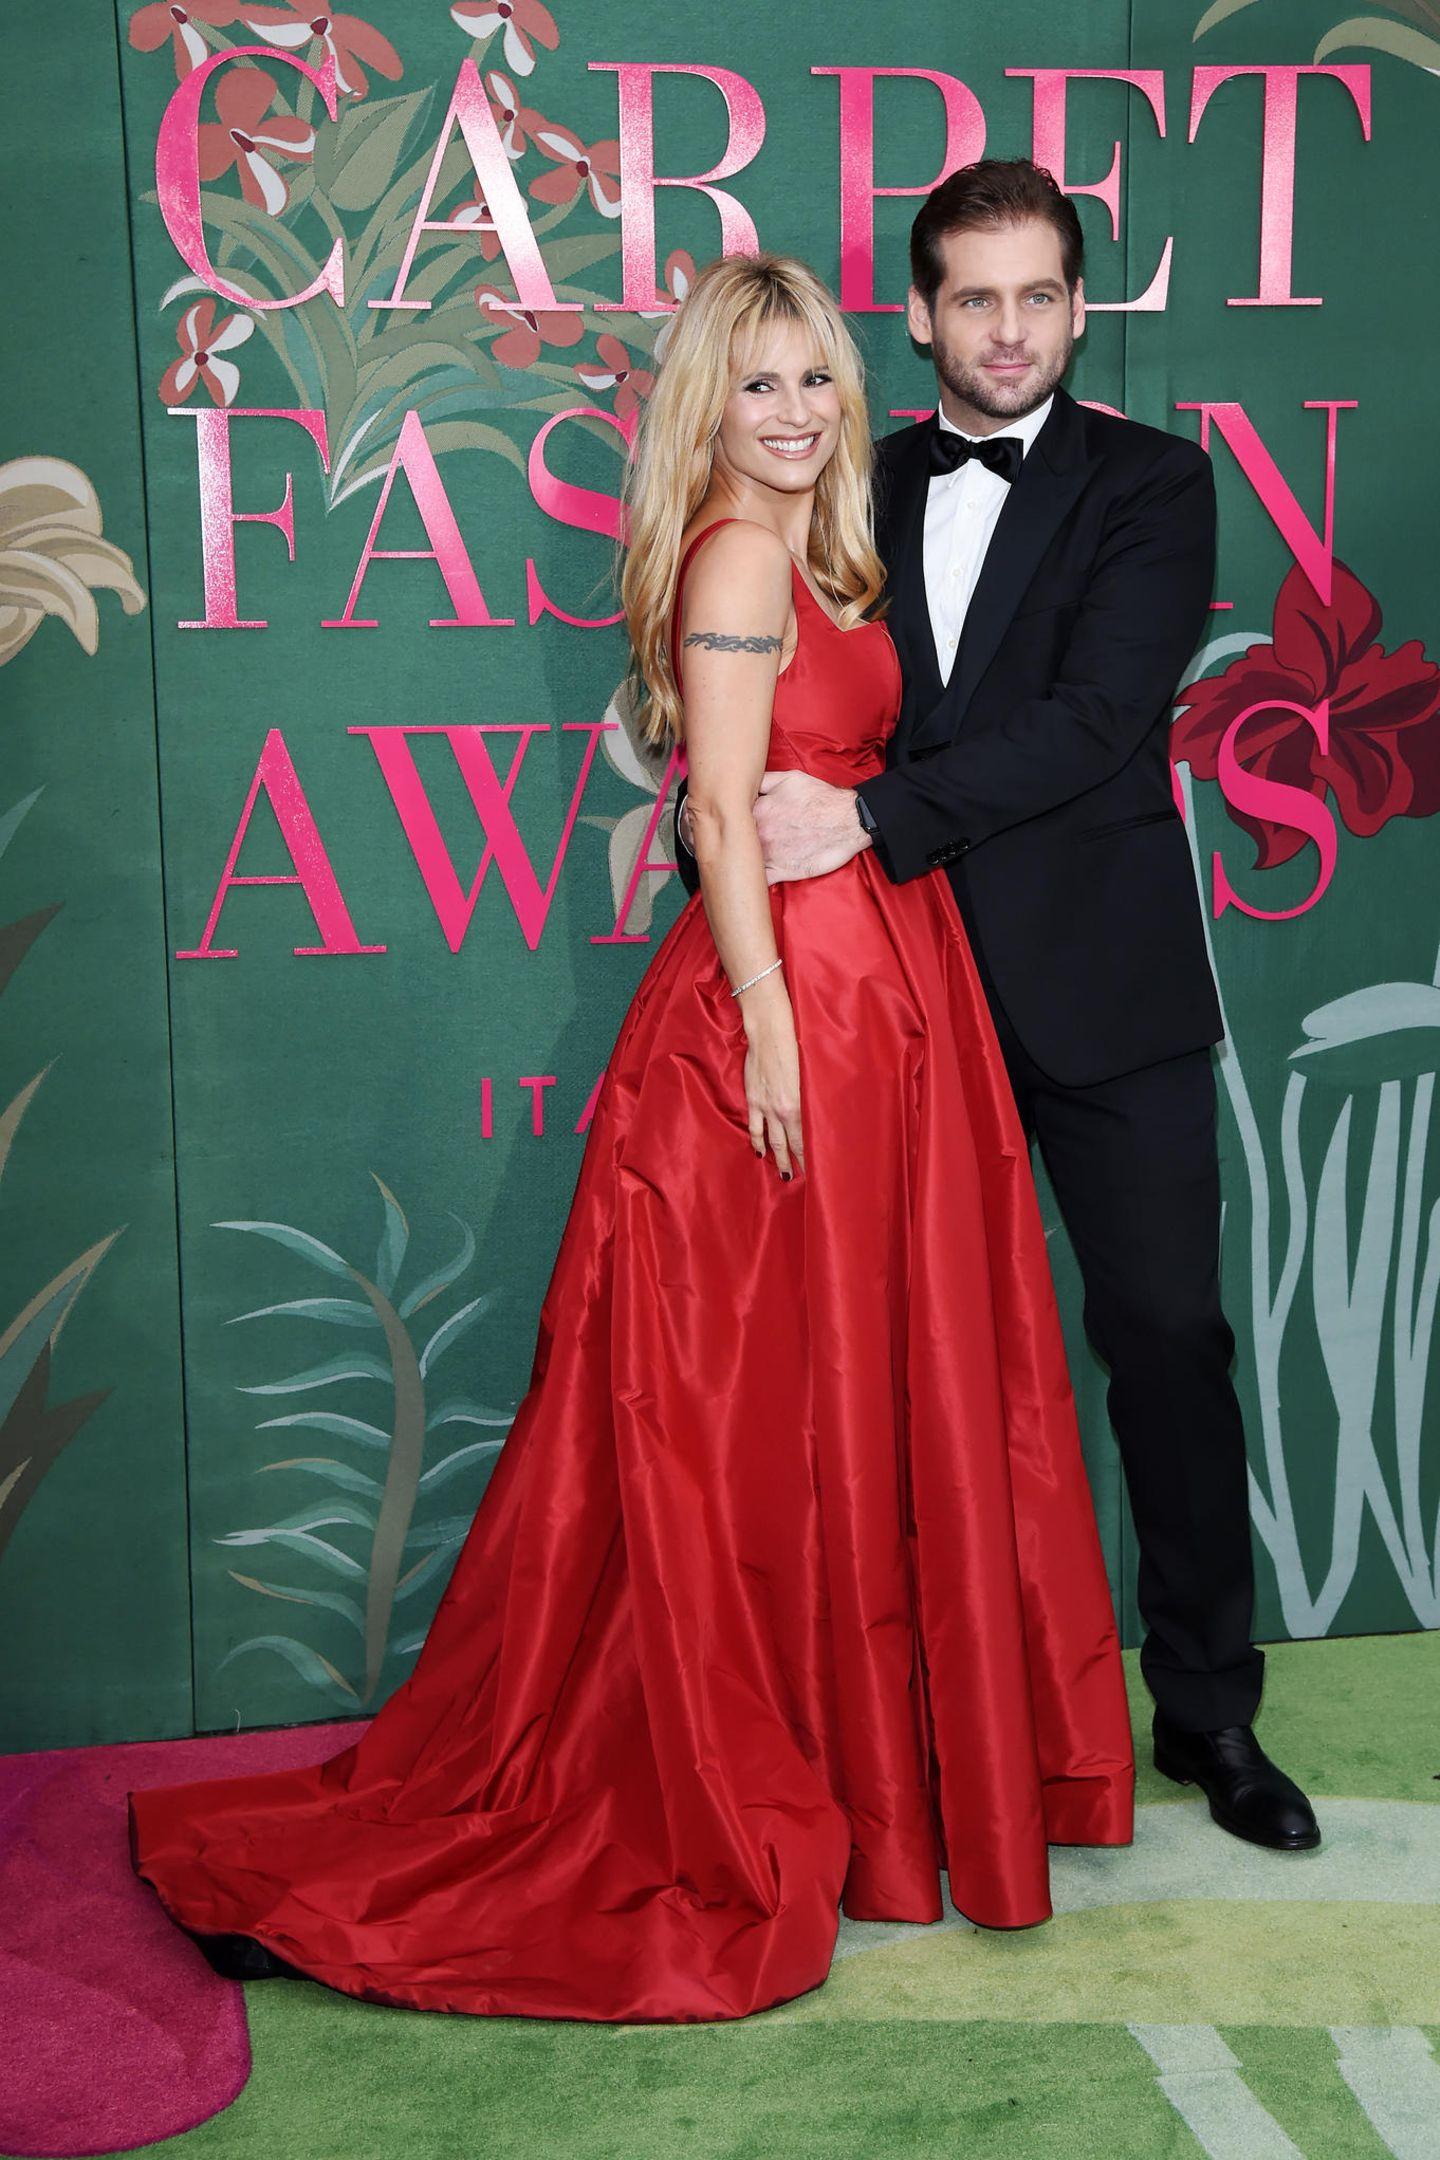 Zu den Green Carpet Fashion Awards in Mailand kommt Michelle Hunziker in einer Kreation von Trussardi. Ihr Abendkleid wird aus Bio-Seide gefertigt – wie nachhaltig!